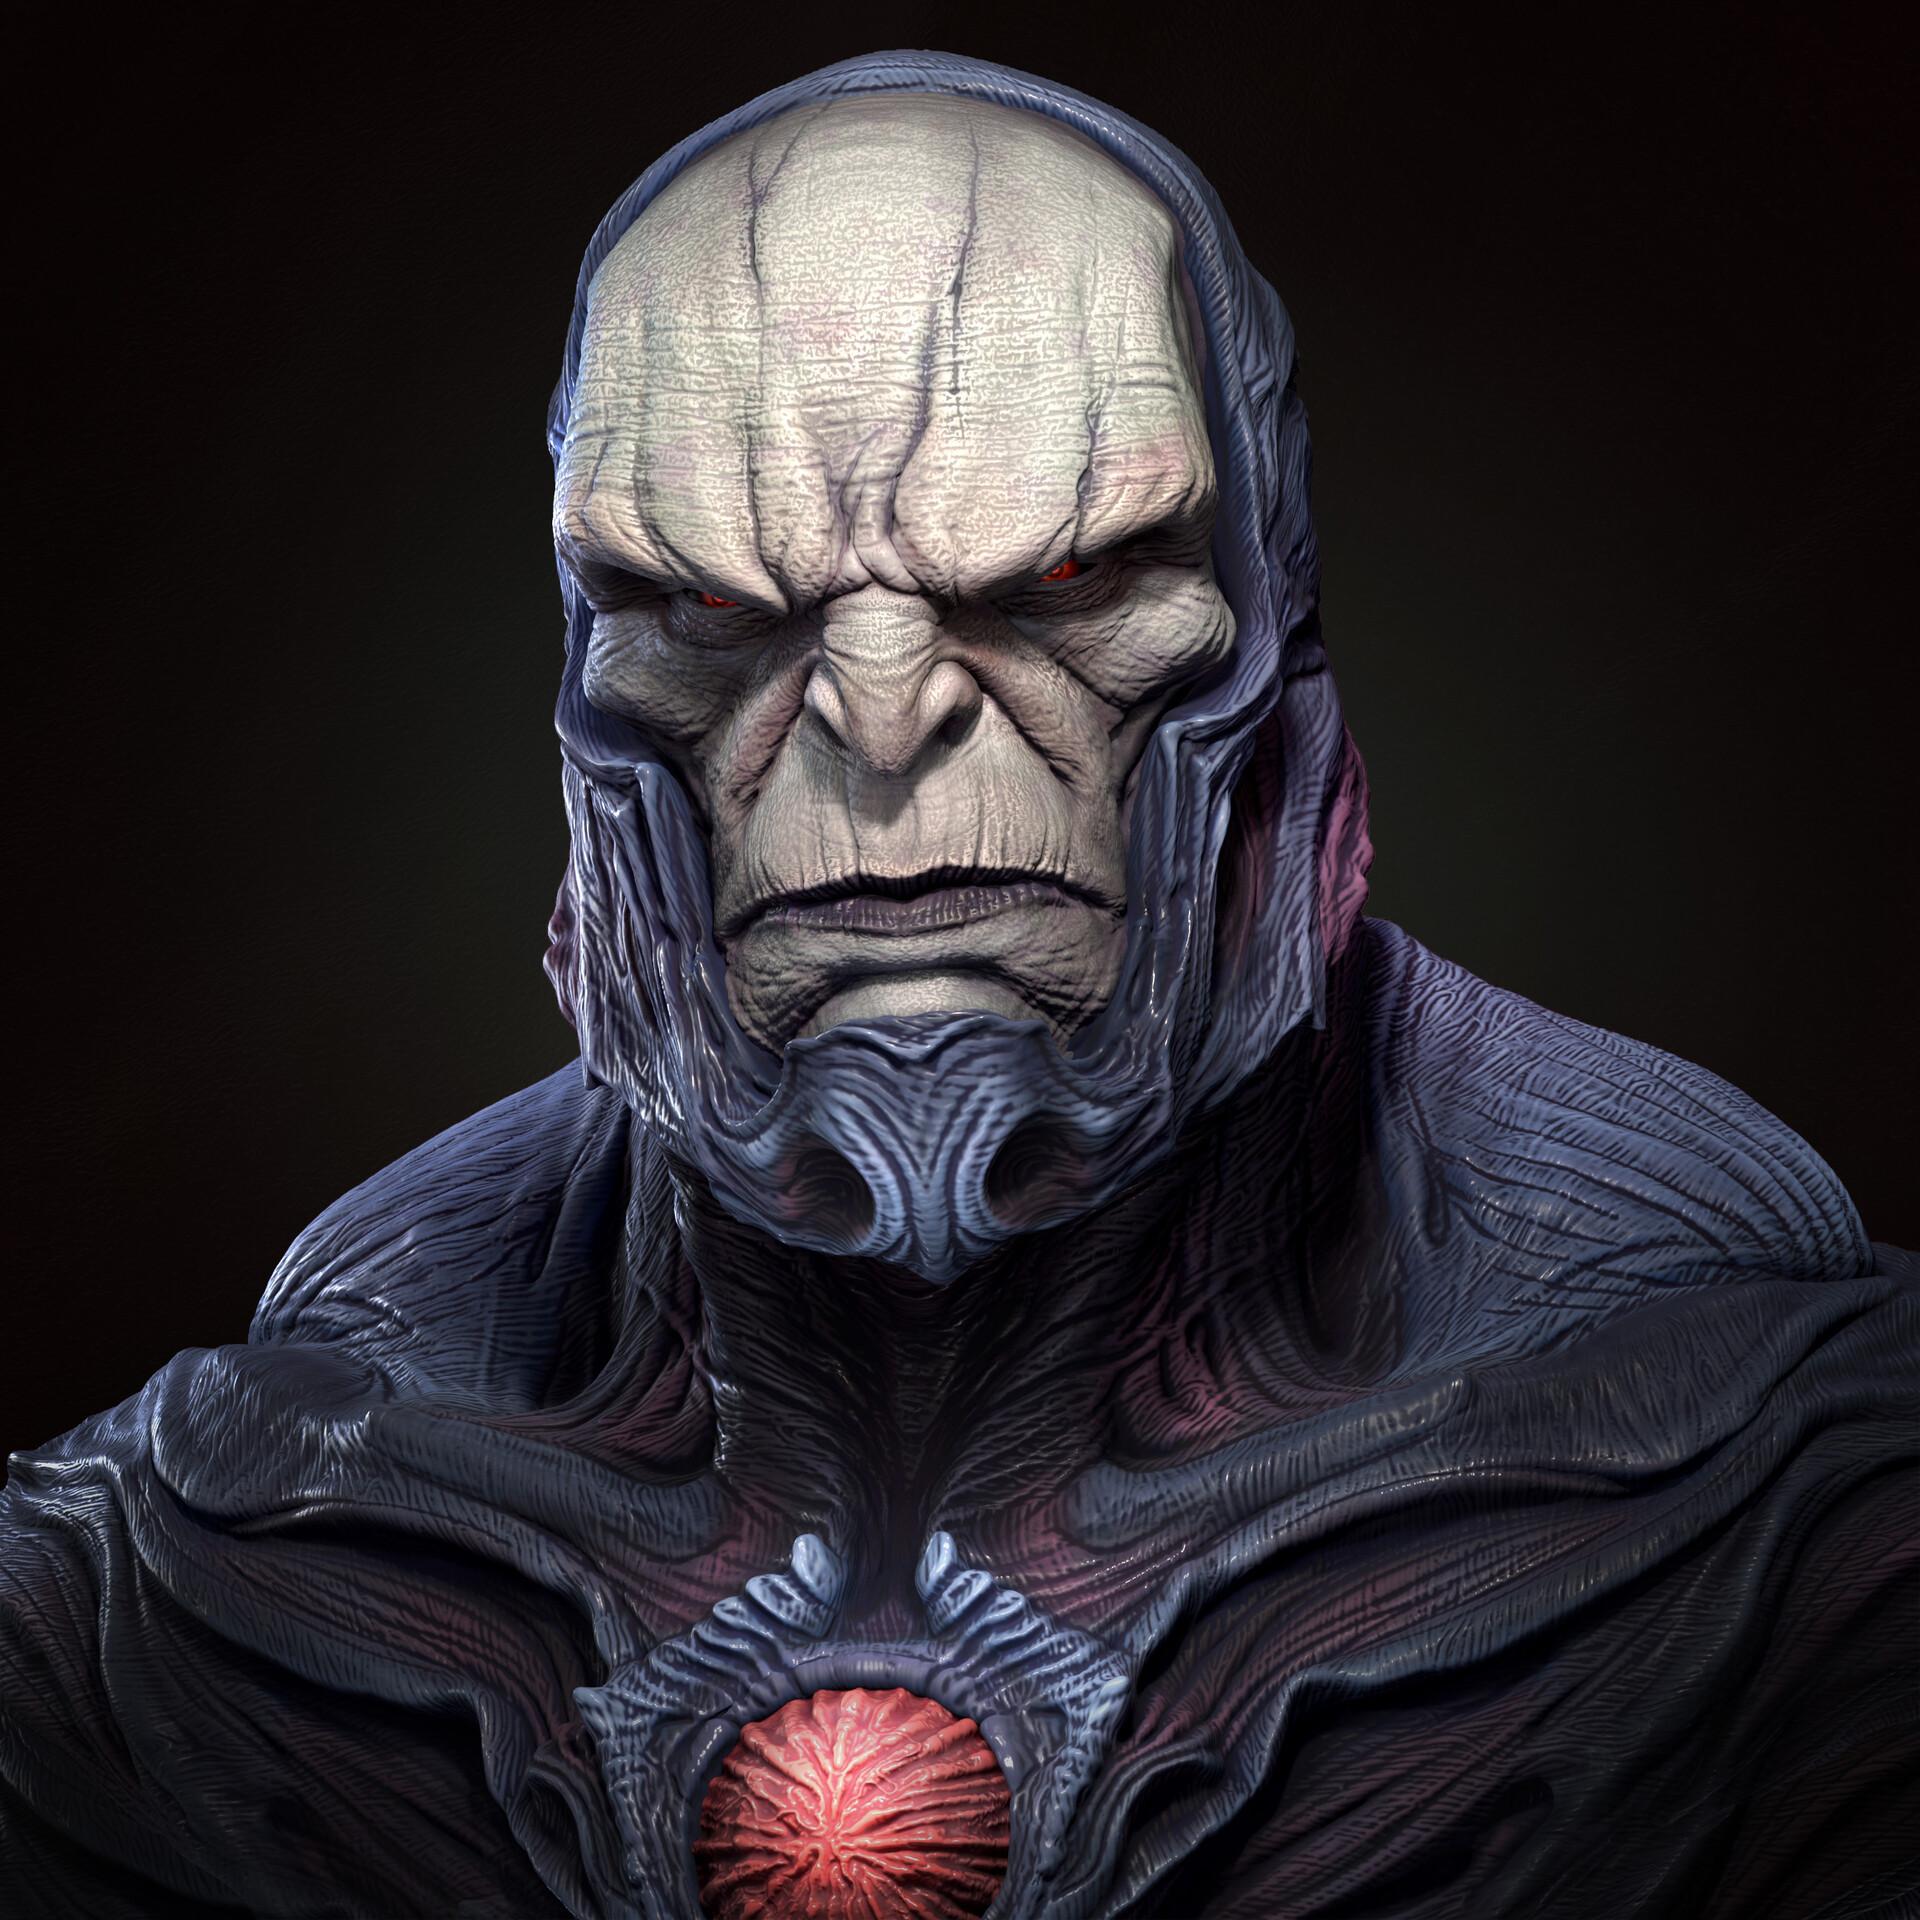 Darkseid bust (fan art)